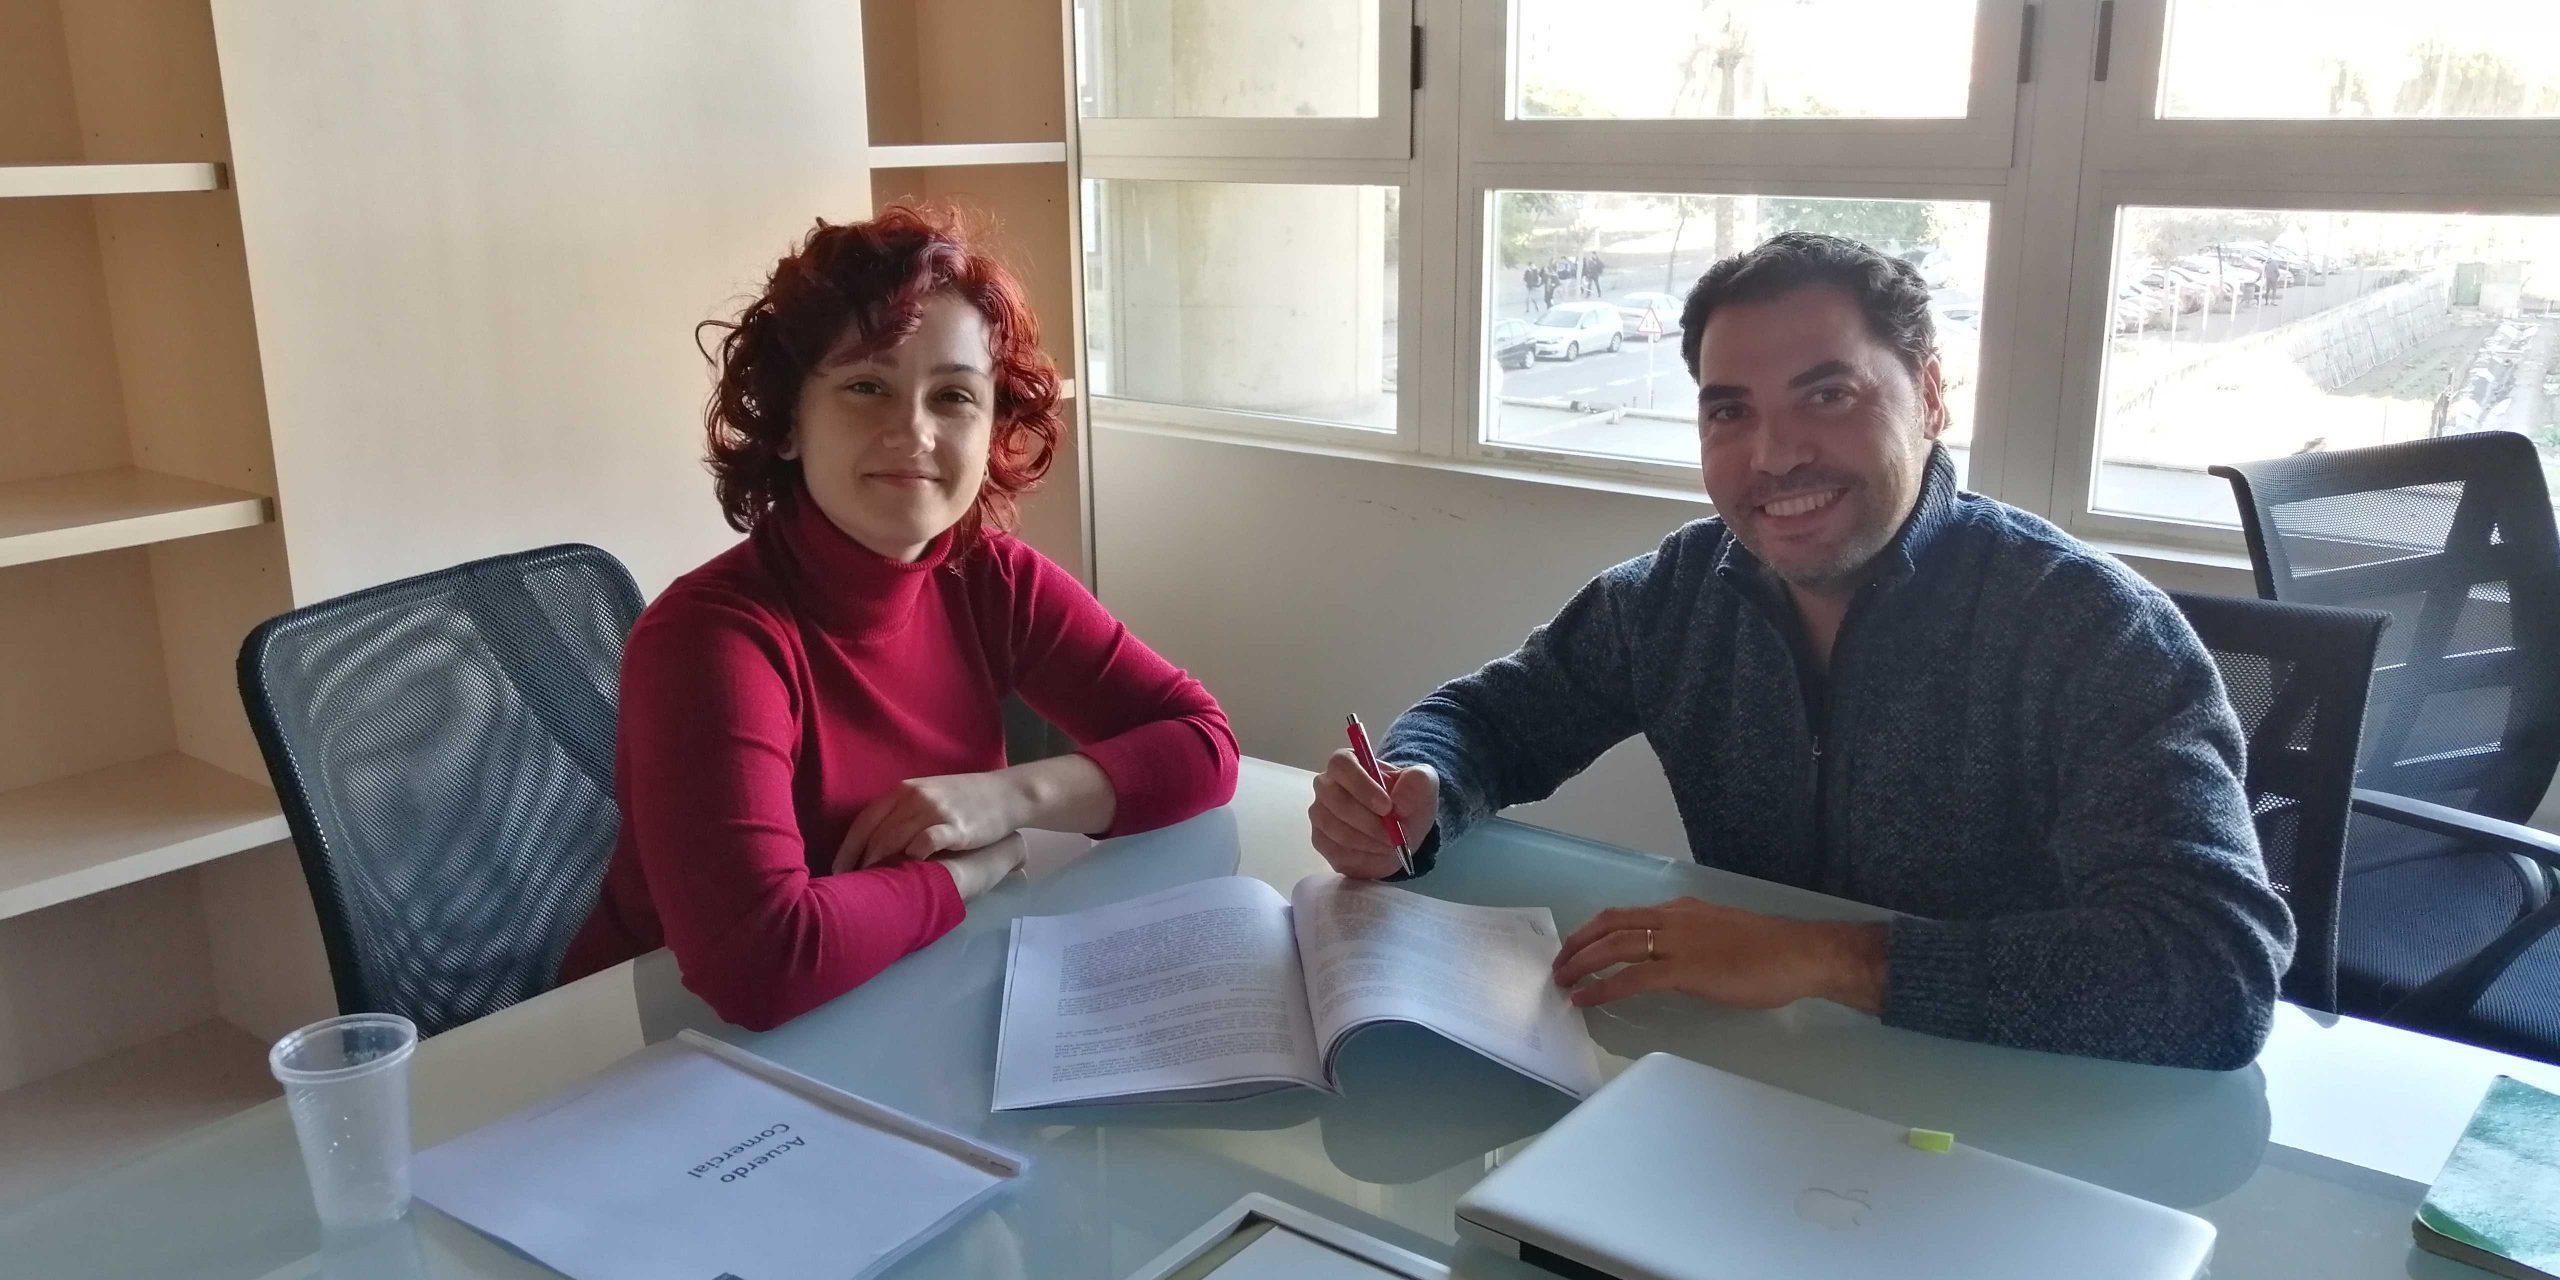 Play&go y Prisma firman un acuerdo de partnership para aprovechar sinergias a nivel operativo y comercial